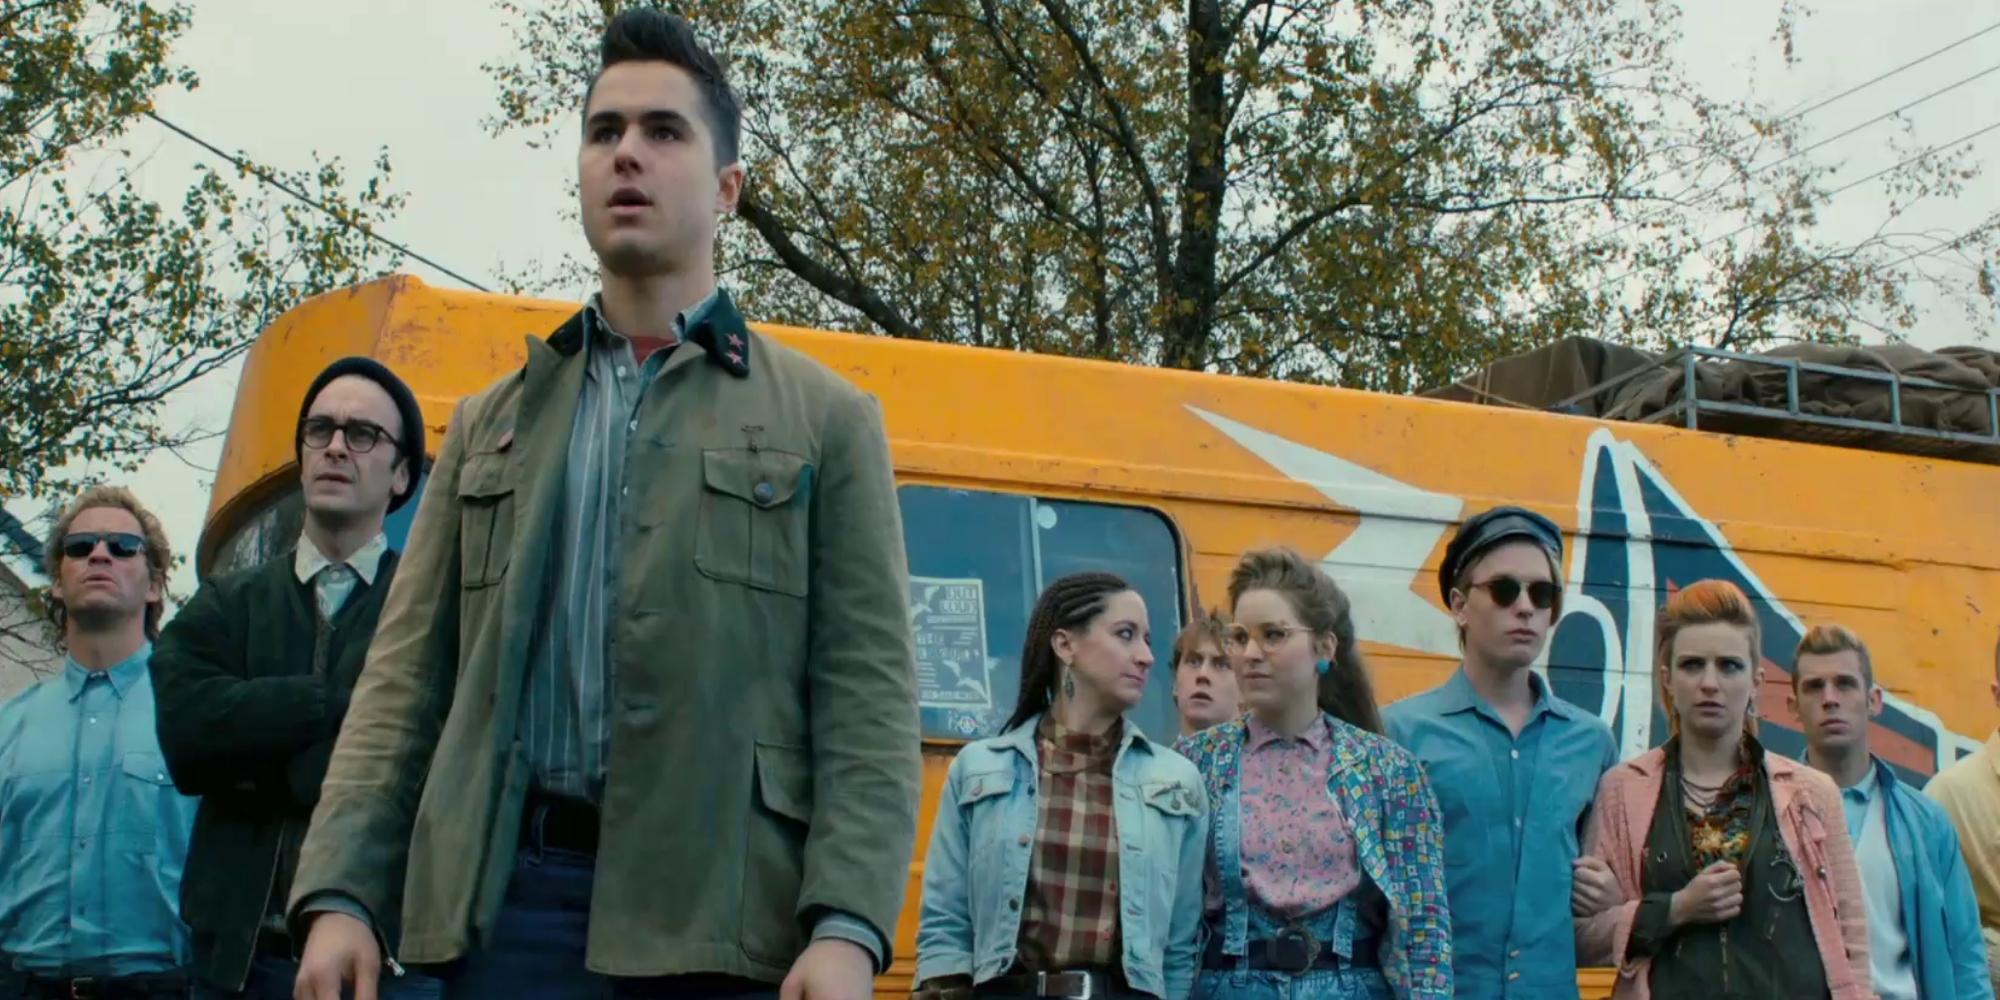 Flere mennesker som er målrettet ut er samlet foran en gul buss. Utsnitt fra filmen Pride.